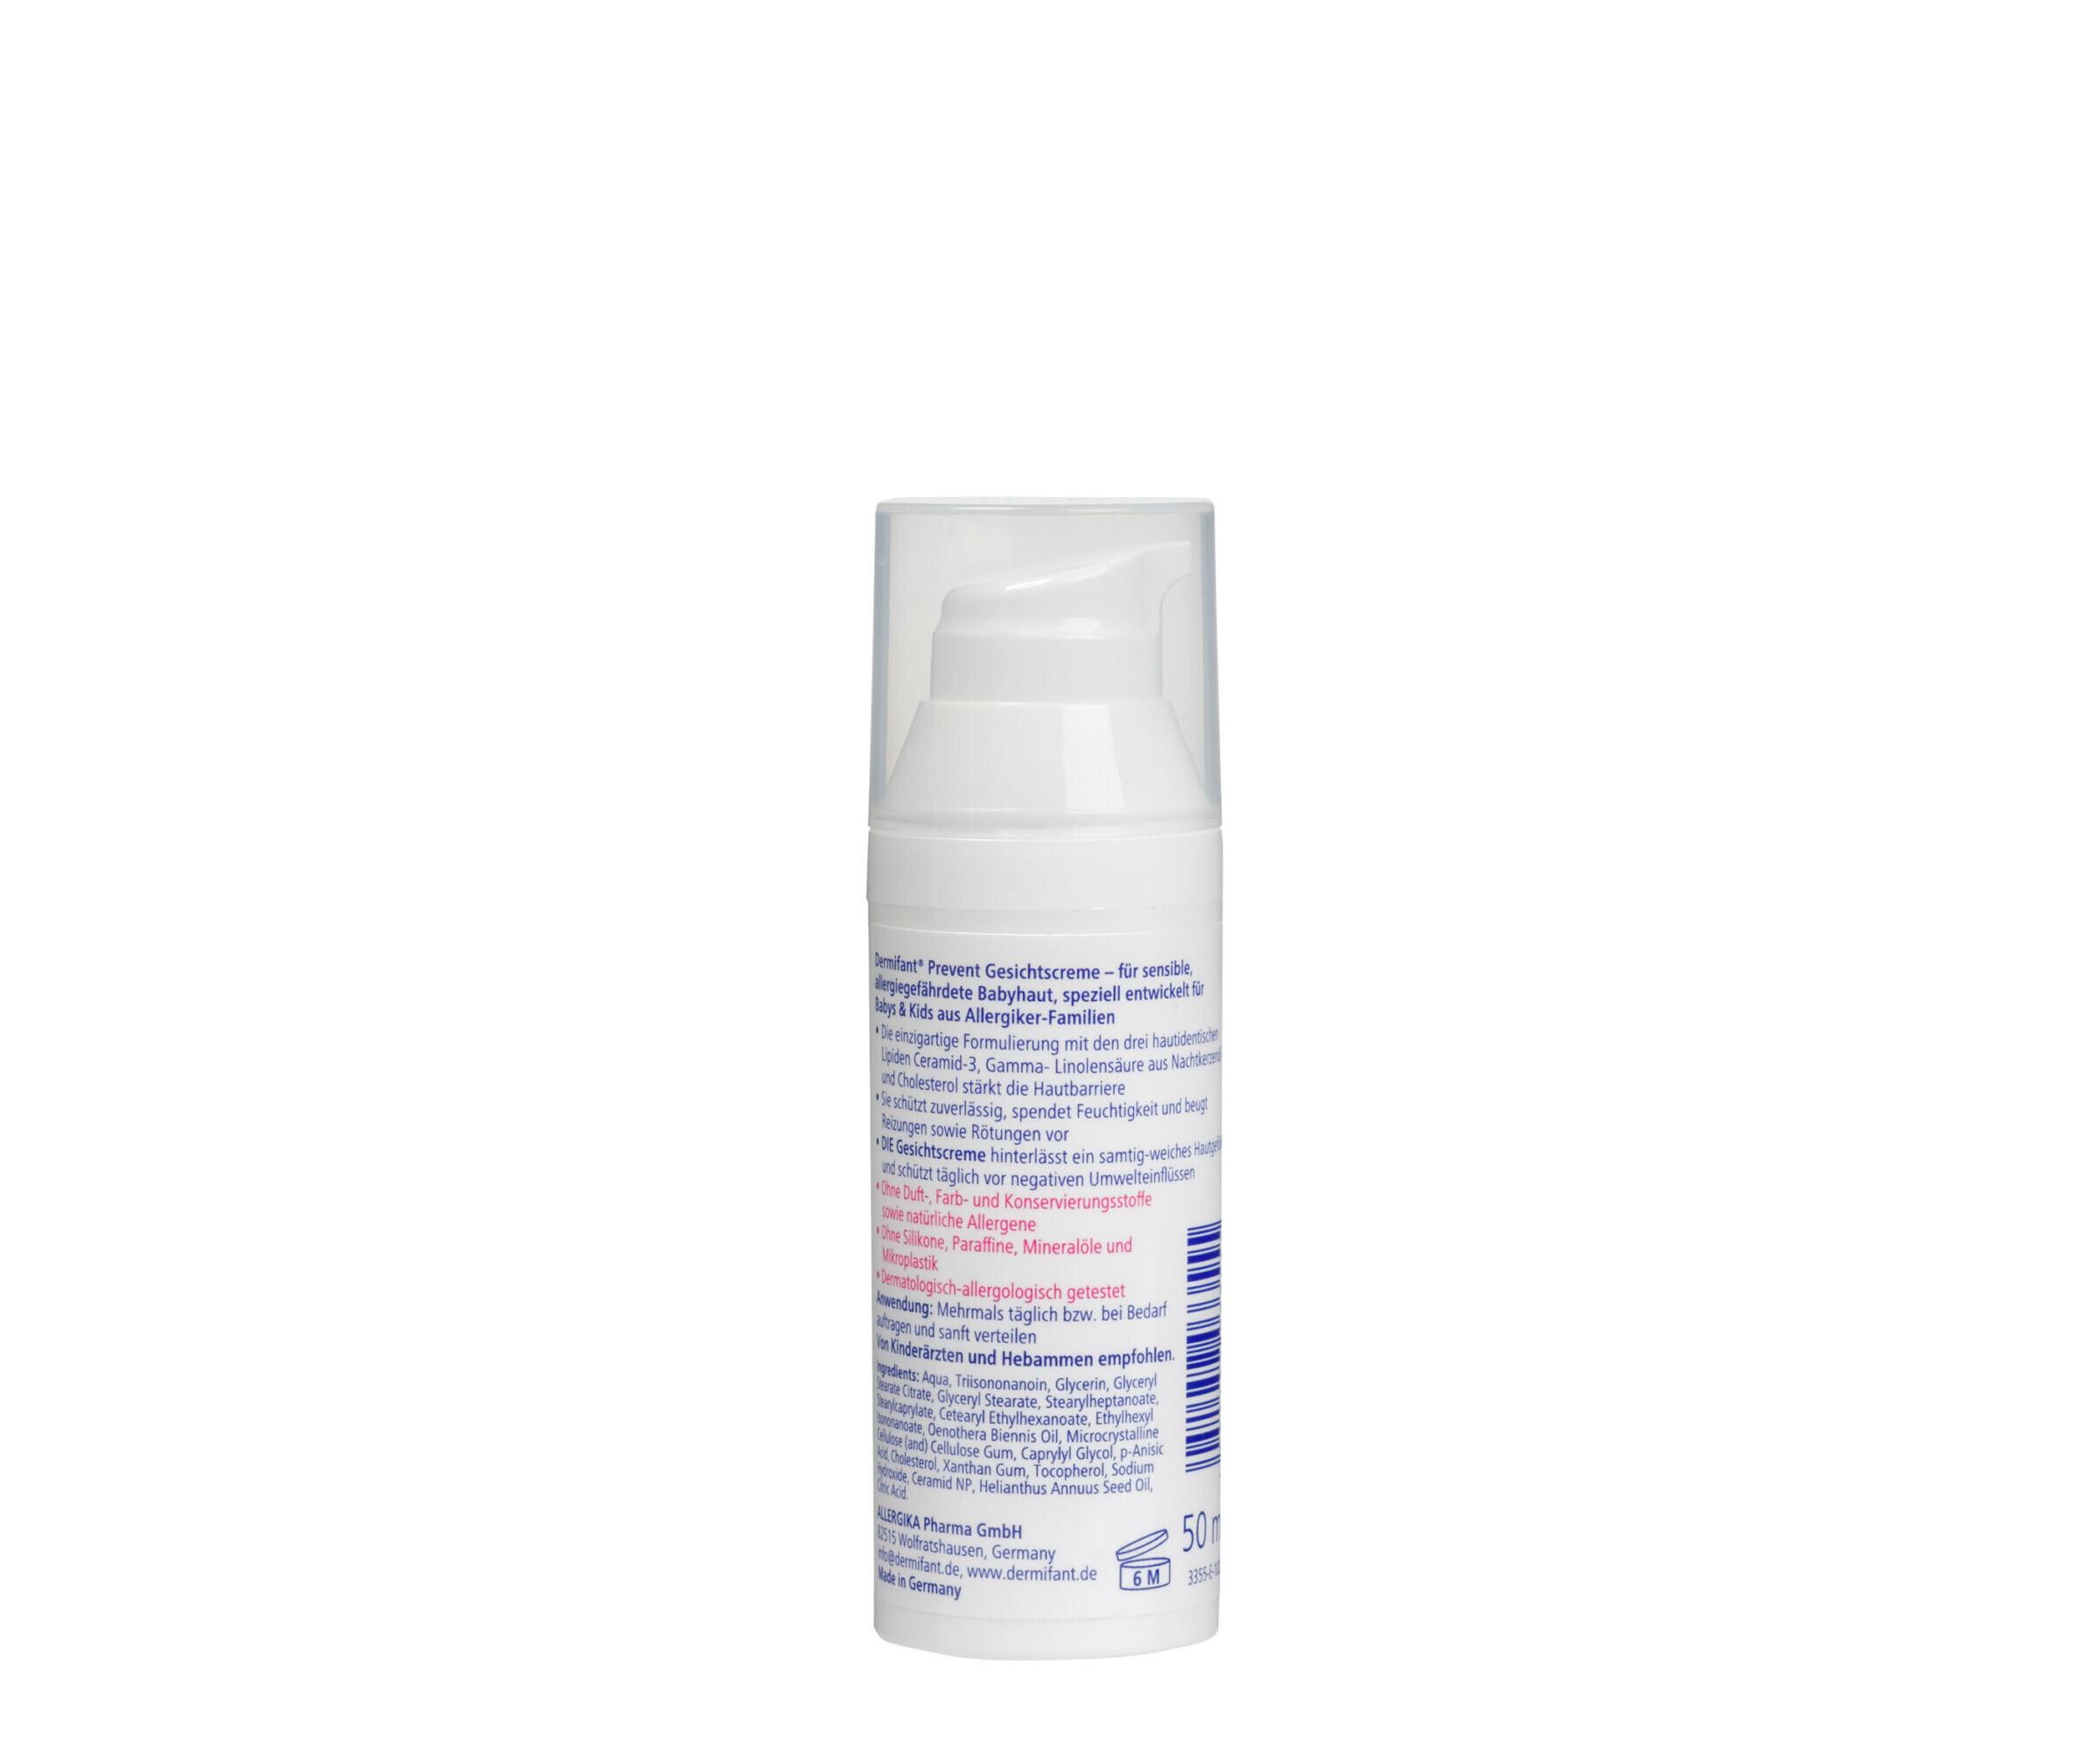 Dermifant Prevent Gesichtscreme